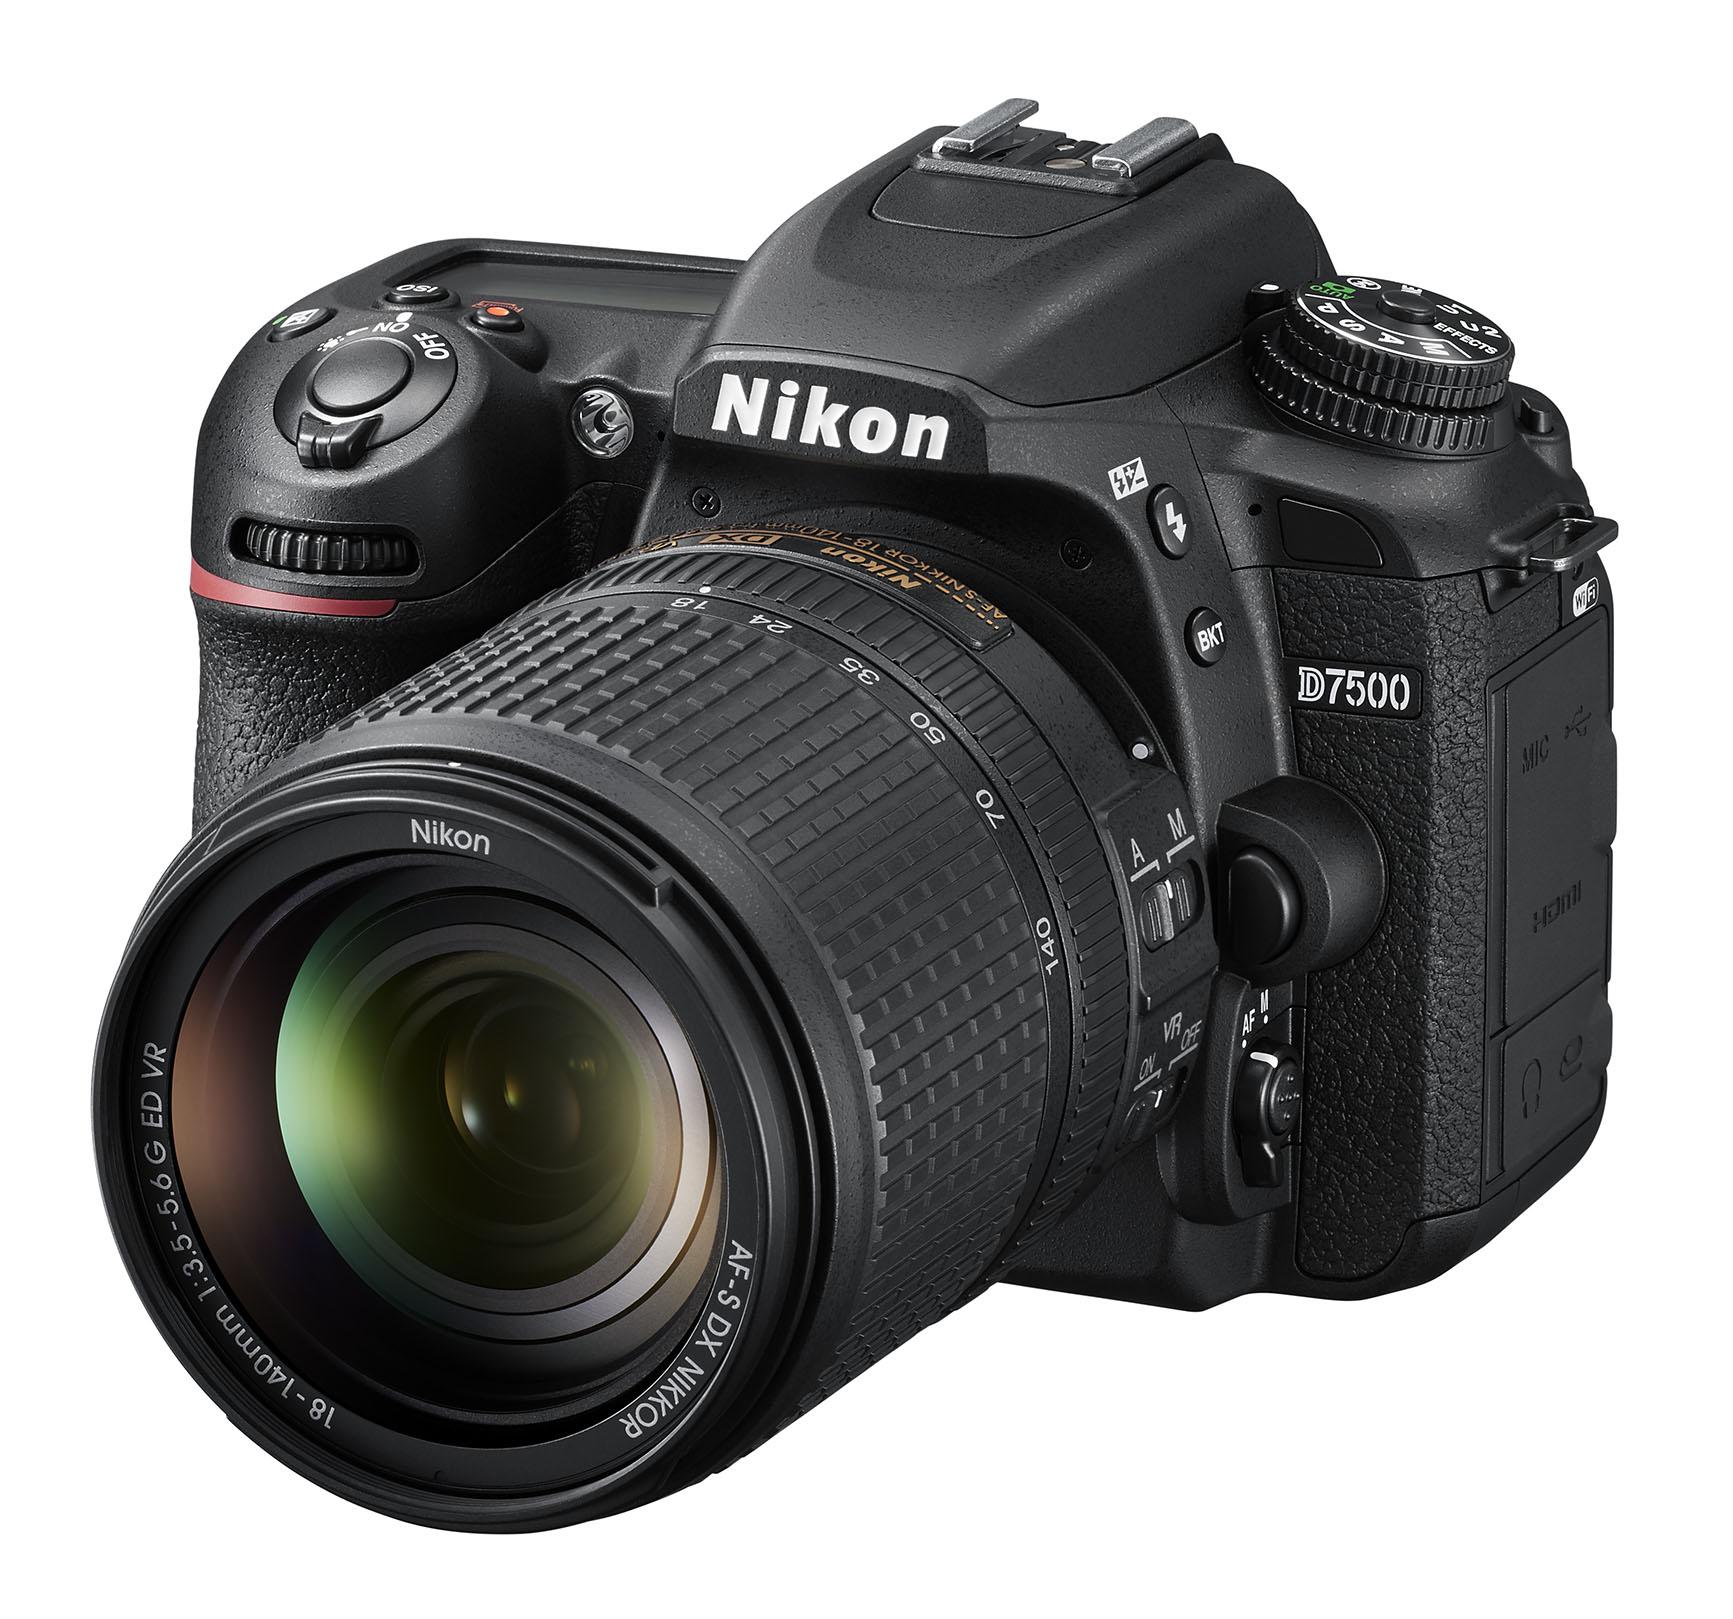 The new Nikon D7500 DSLR